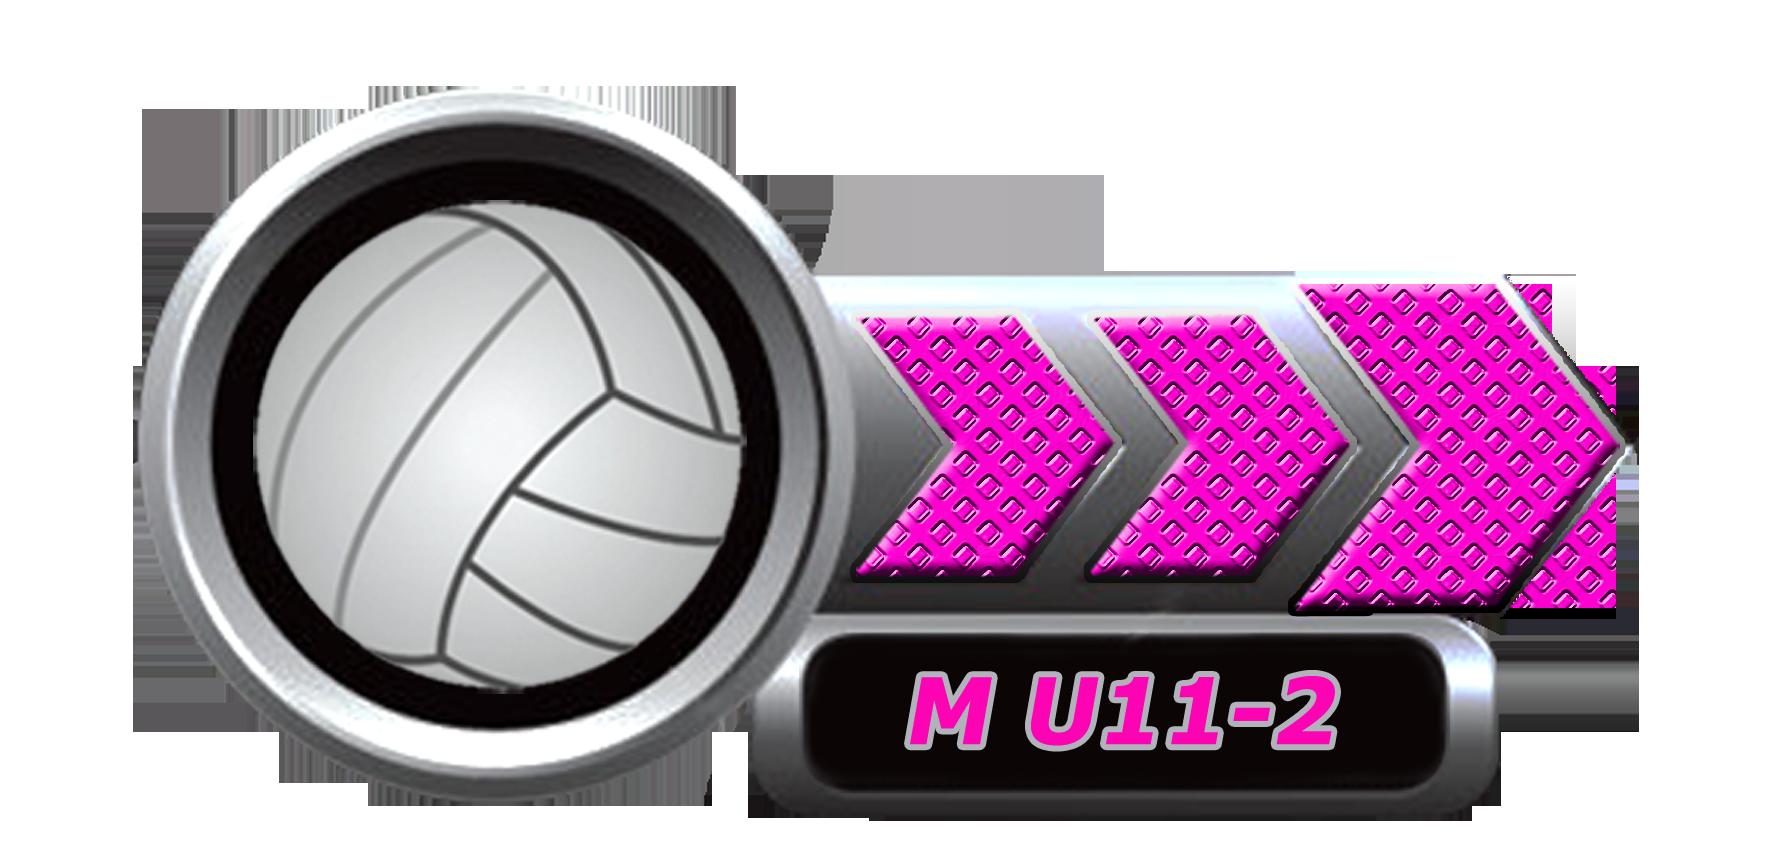 button MU11_2